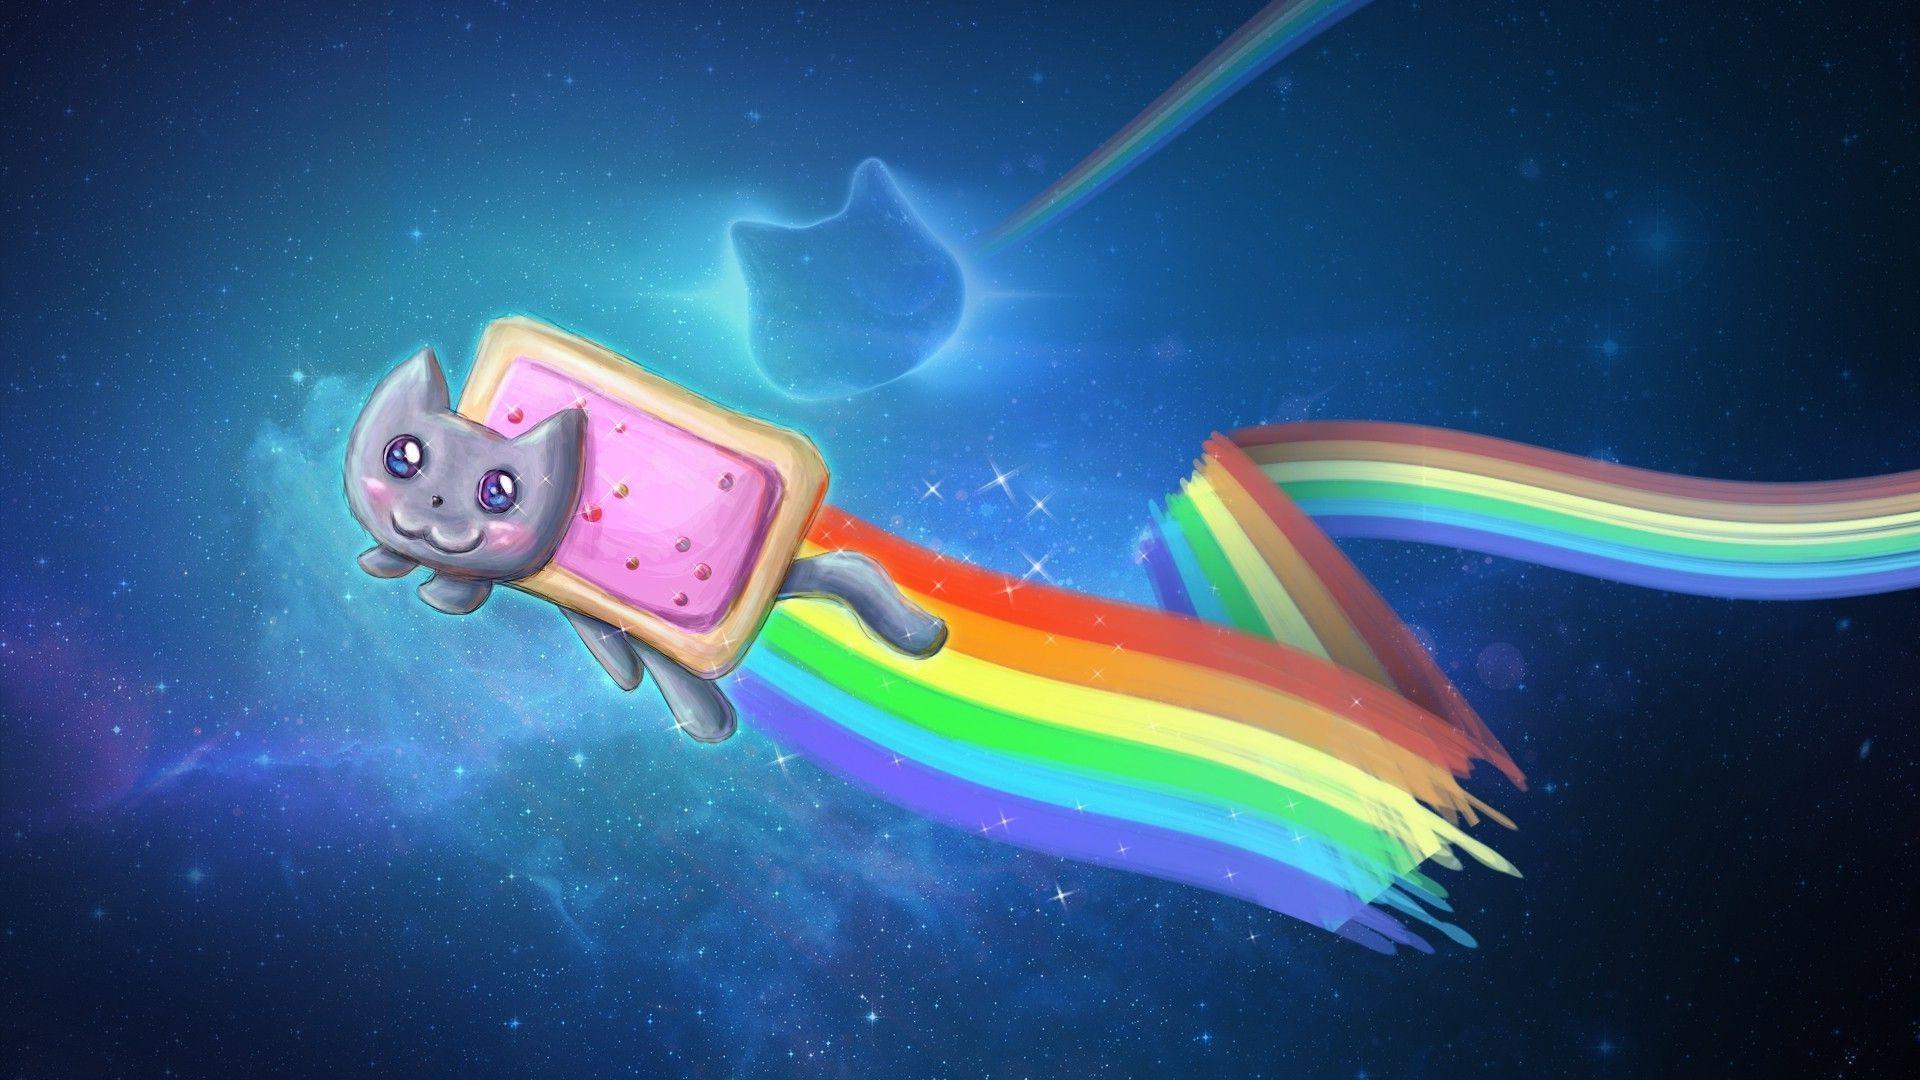 Nyan Cat Wallpapers Group (70+)